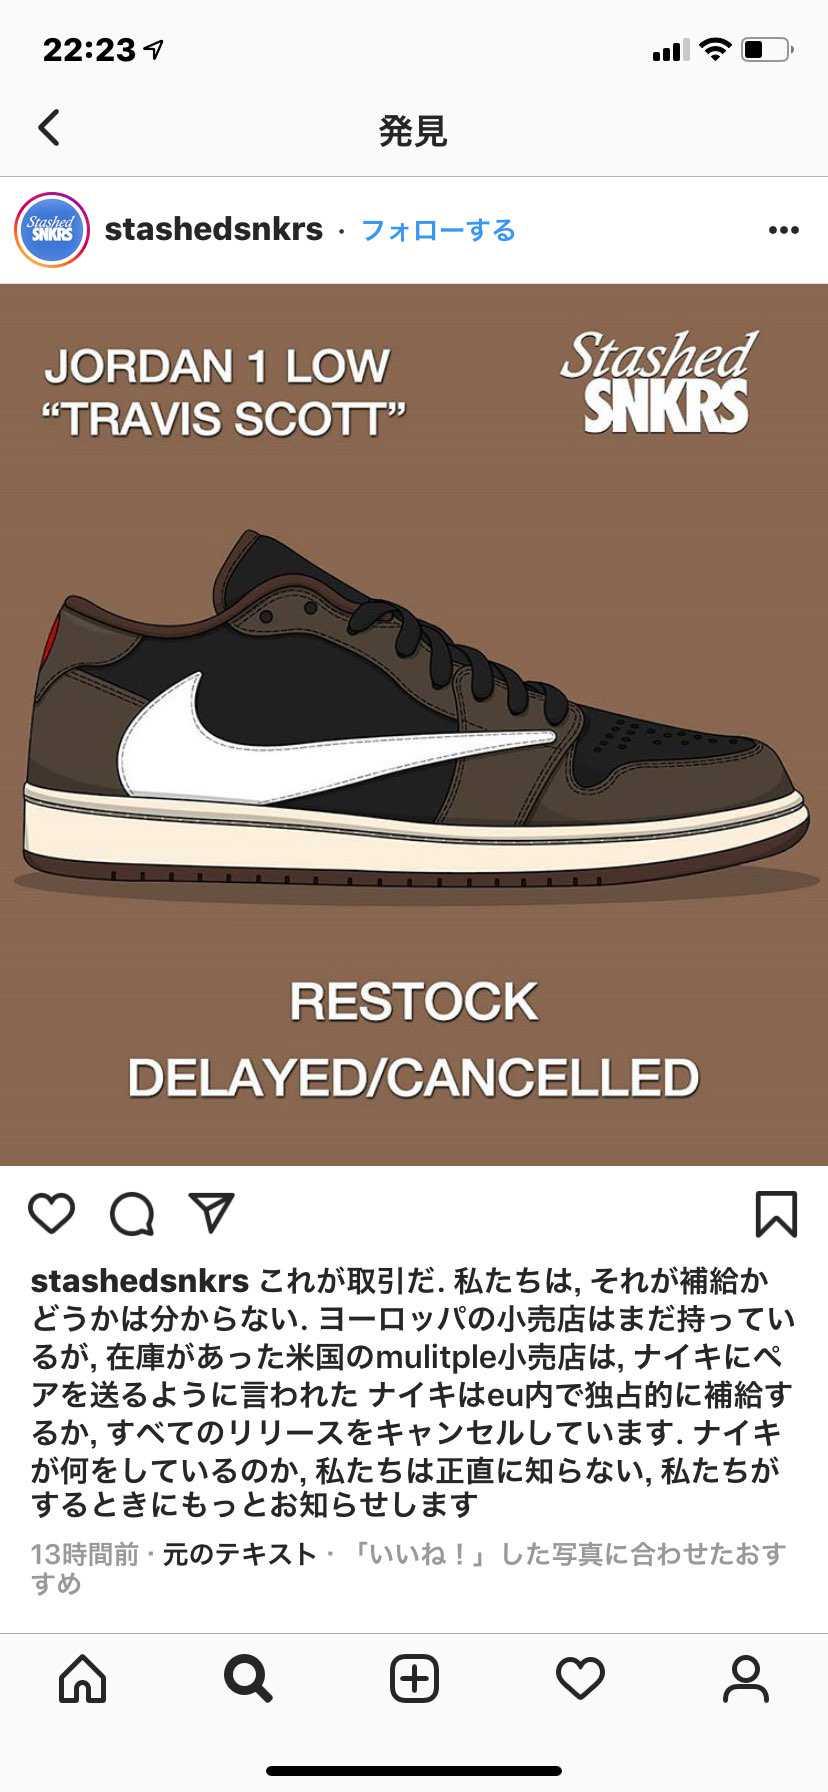 海外の8/16〜18日のリストックもNIKEから延期、キャンセルになったみたいで